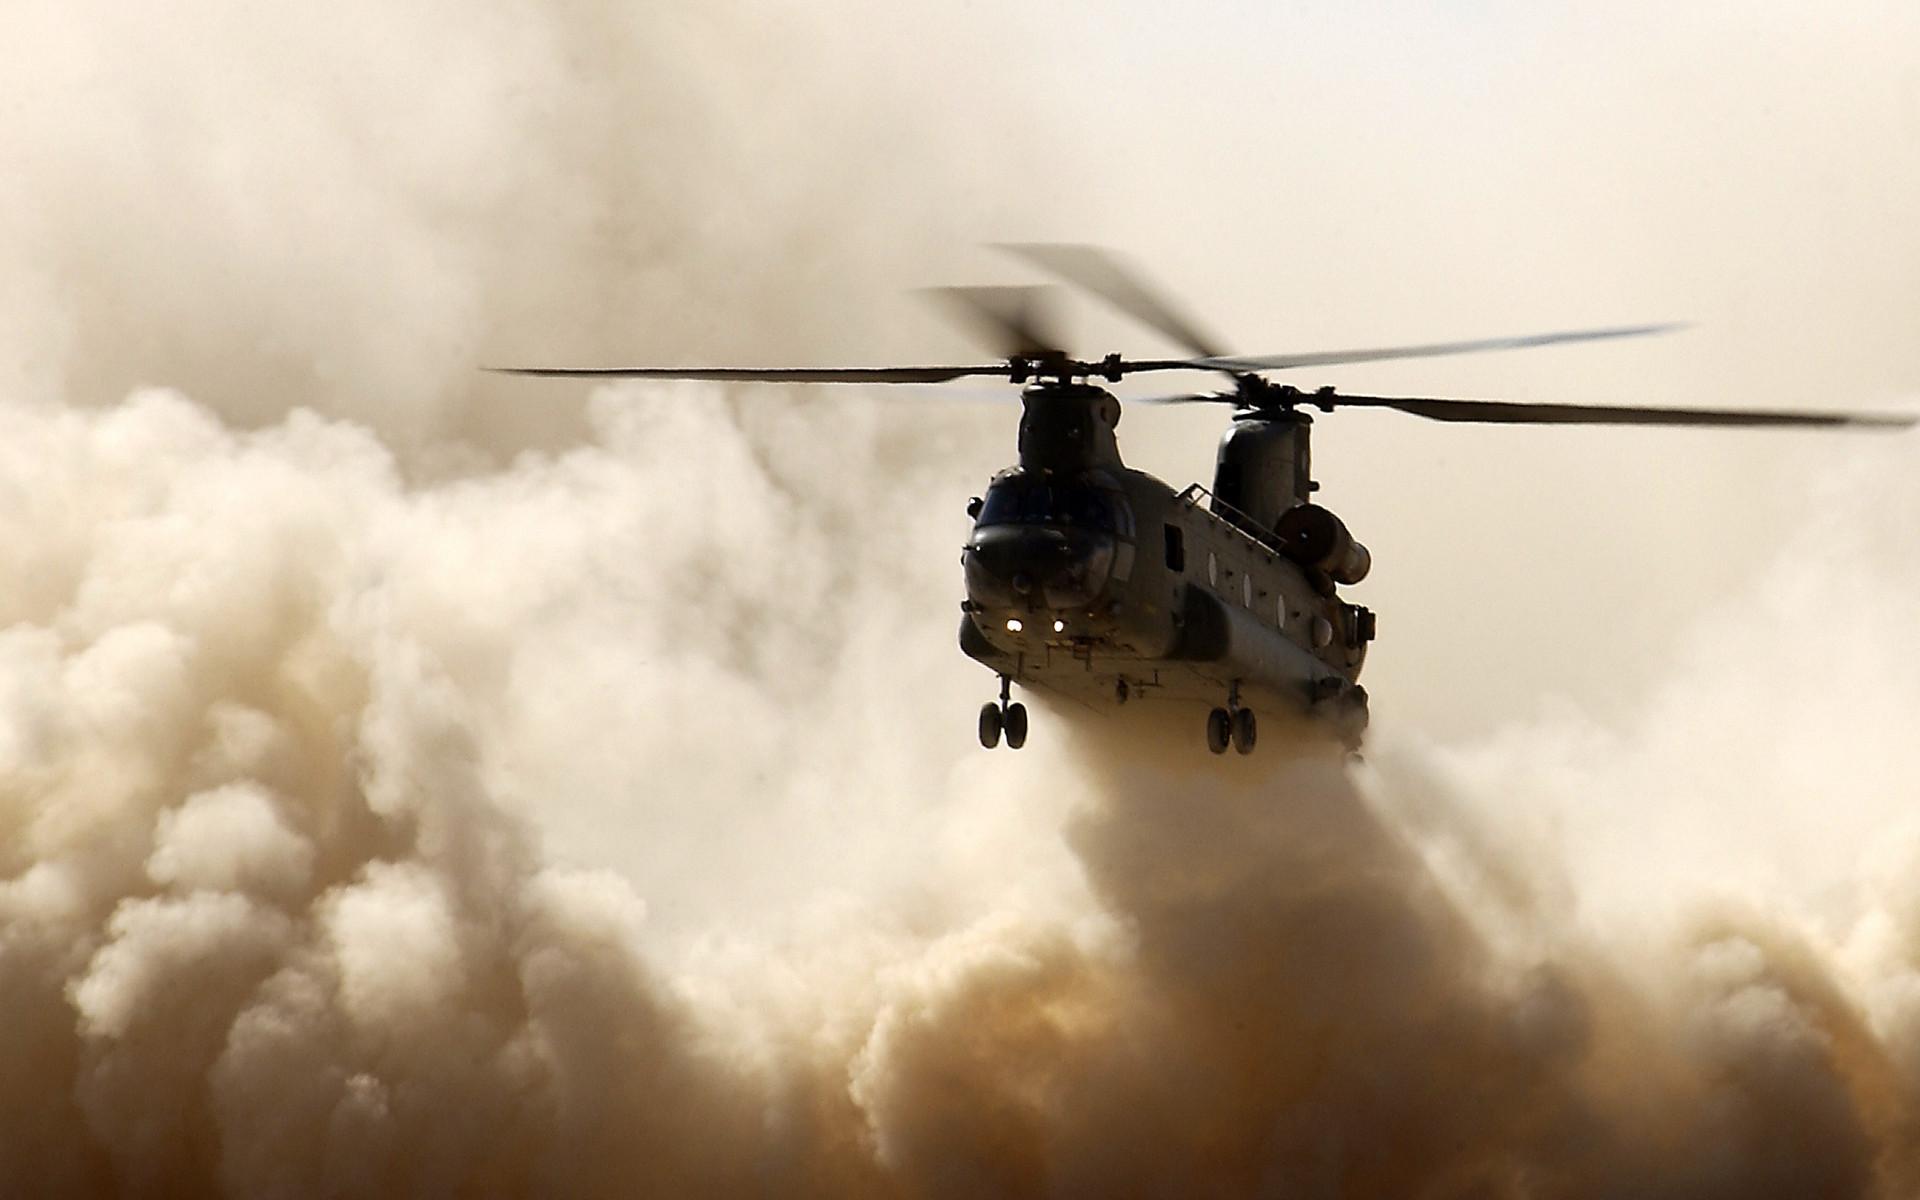 вертолет, посадка, красивое фото, обои для рабочего стола, скачать